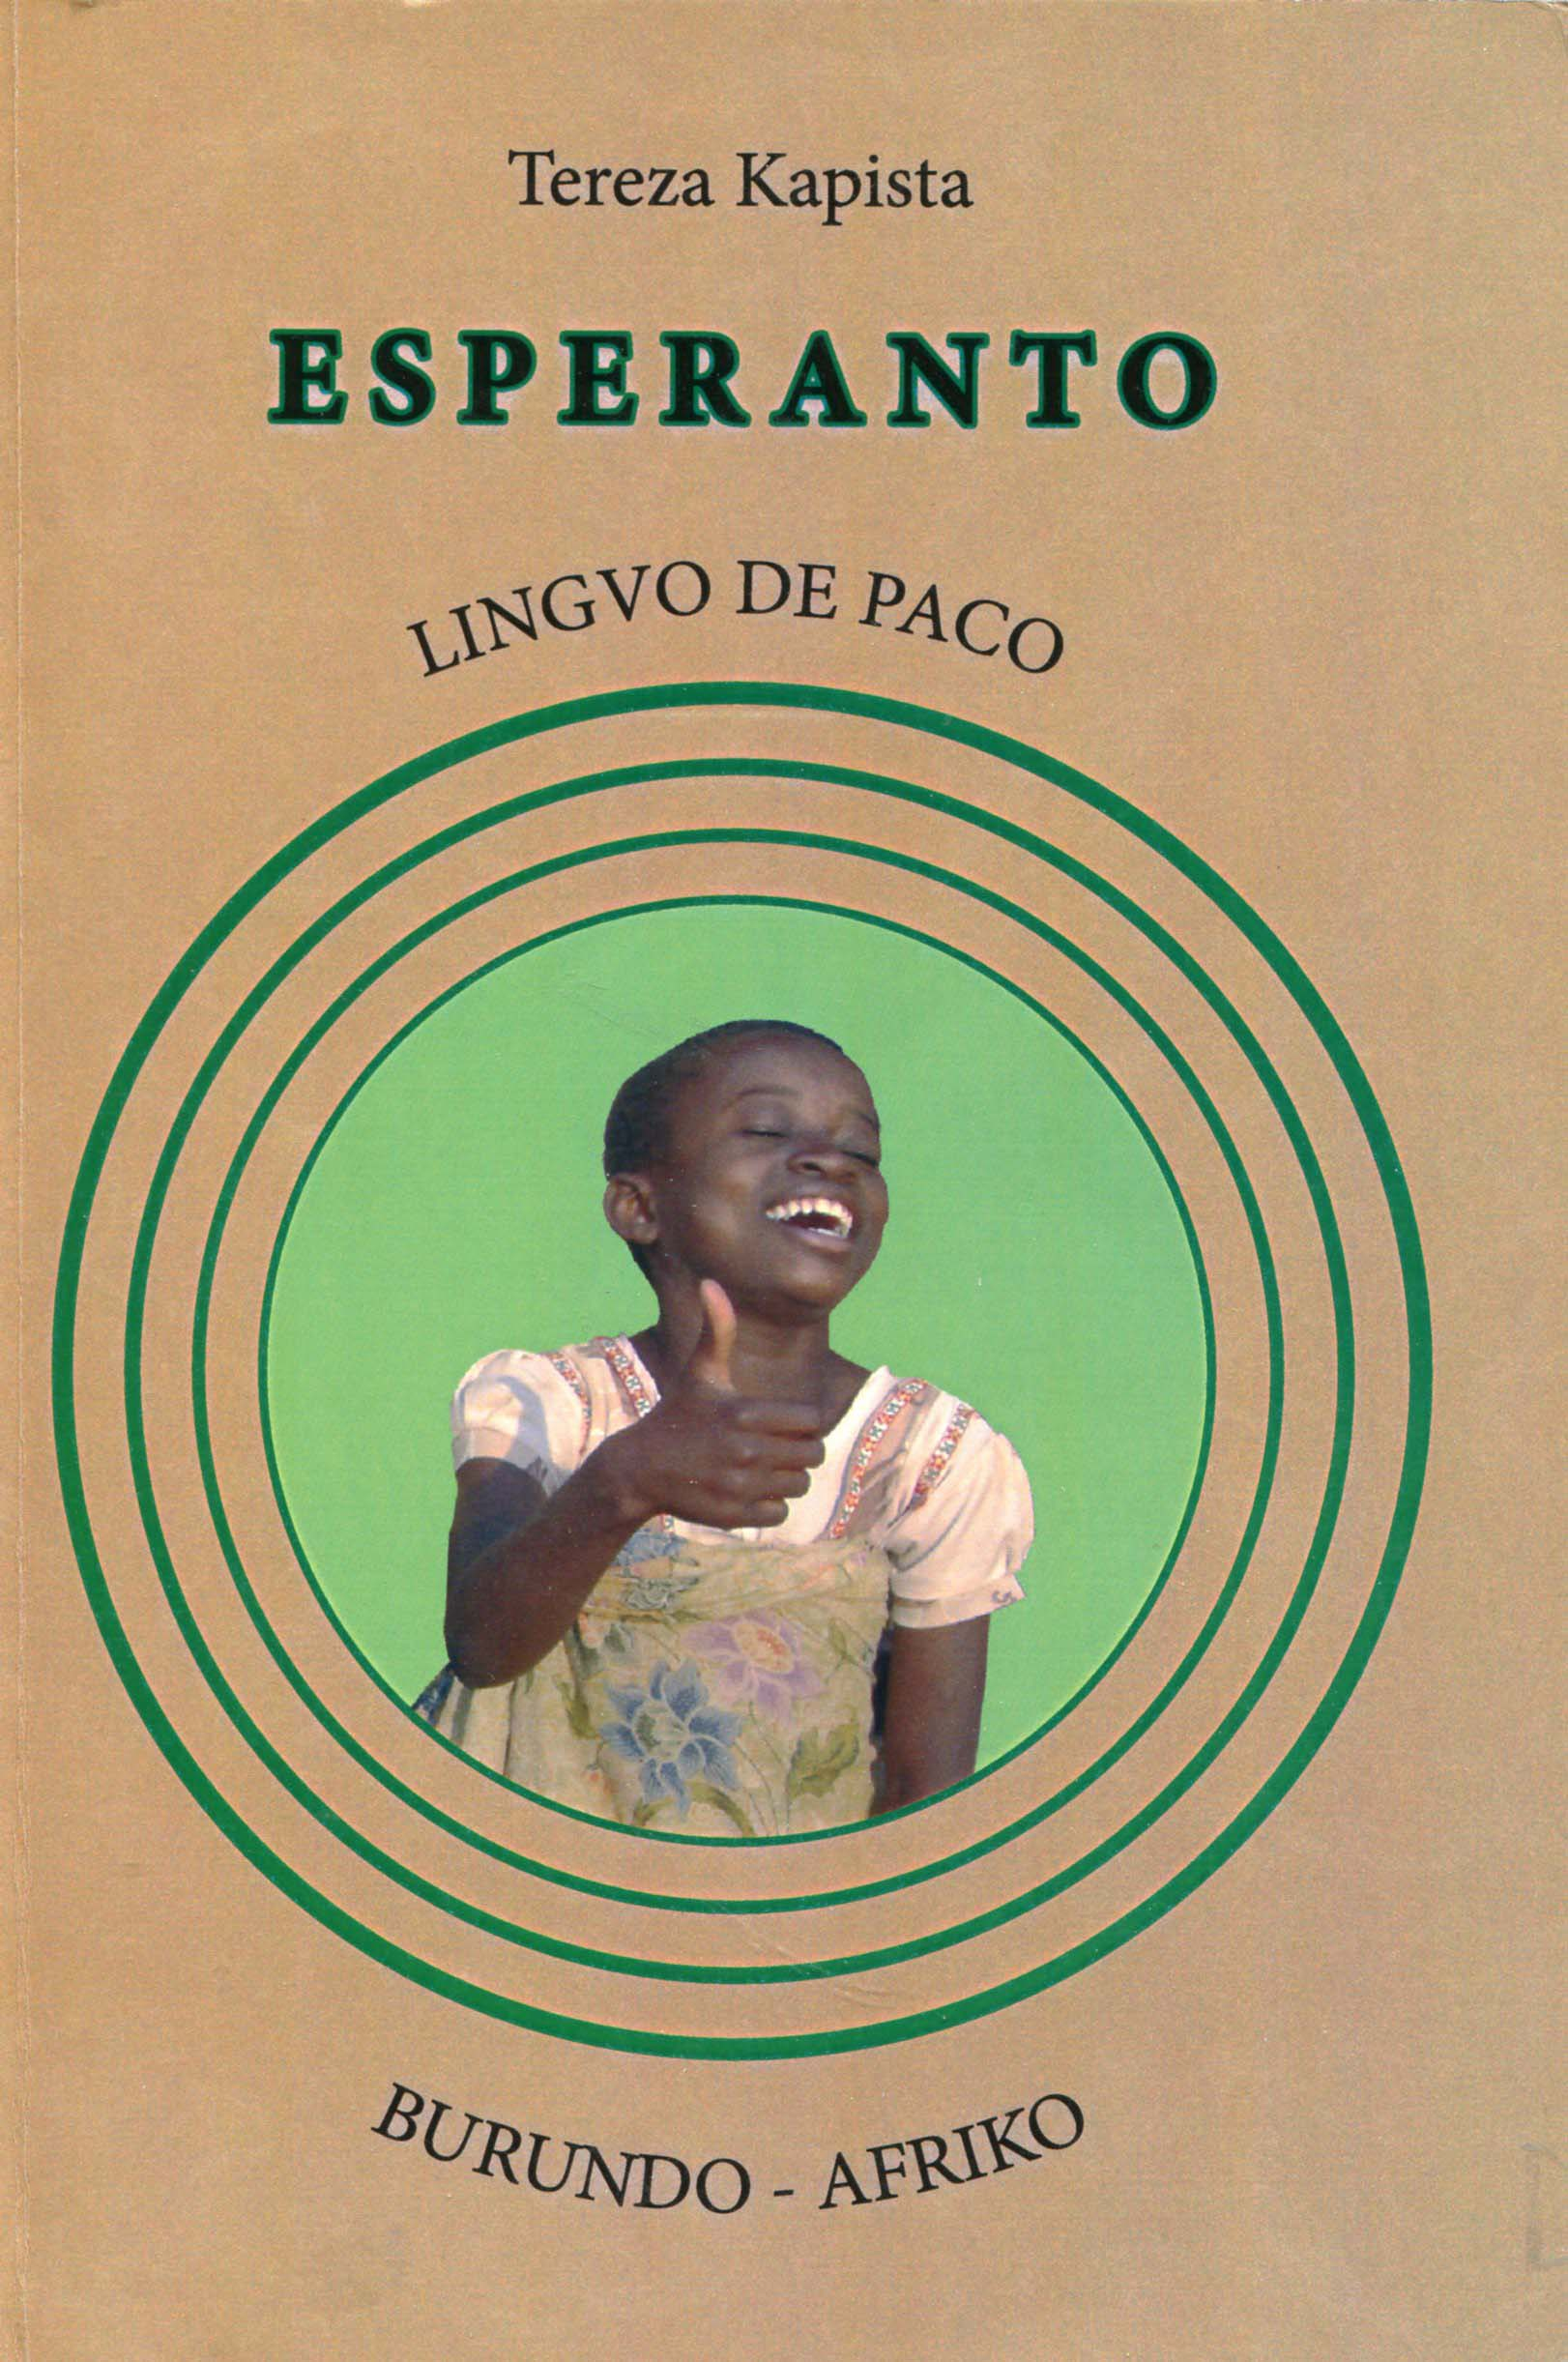 Esperanto lingvo de paco en Burundo - Afriko